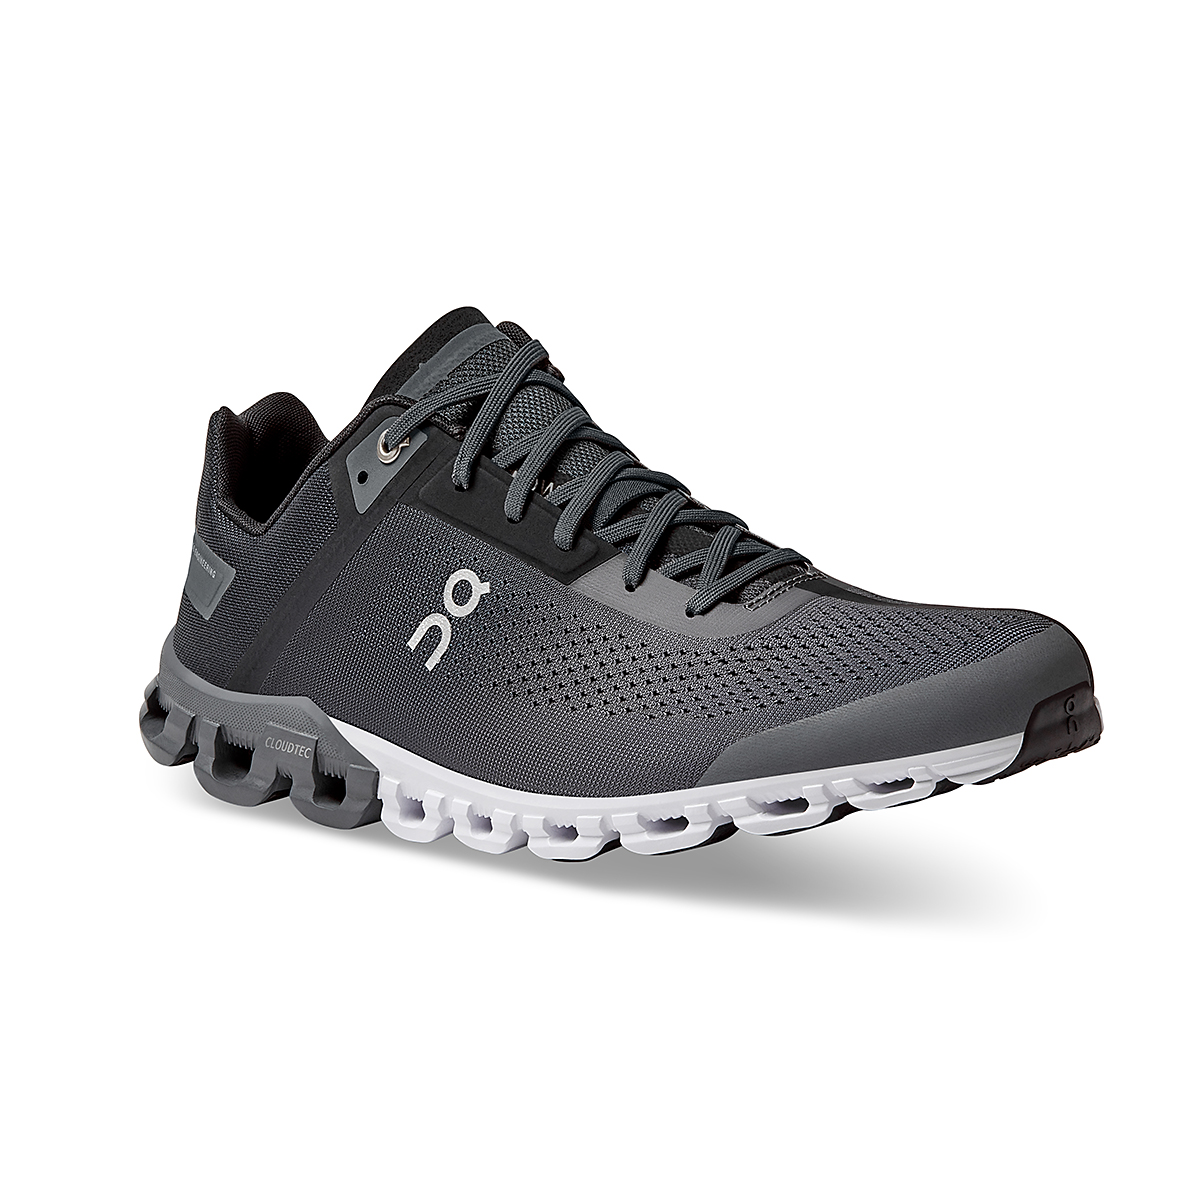 Men's On Cloudflow 3.0 Running Shoe - Color: Black/Asphalt - Size: 7 - Width: Regular, Black/Asphalt, large, image 3